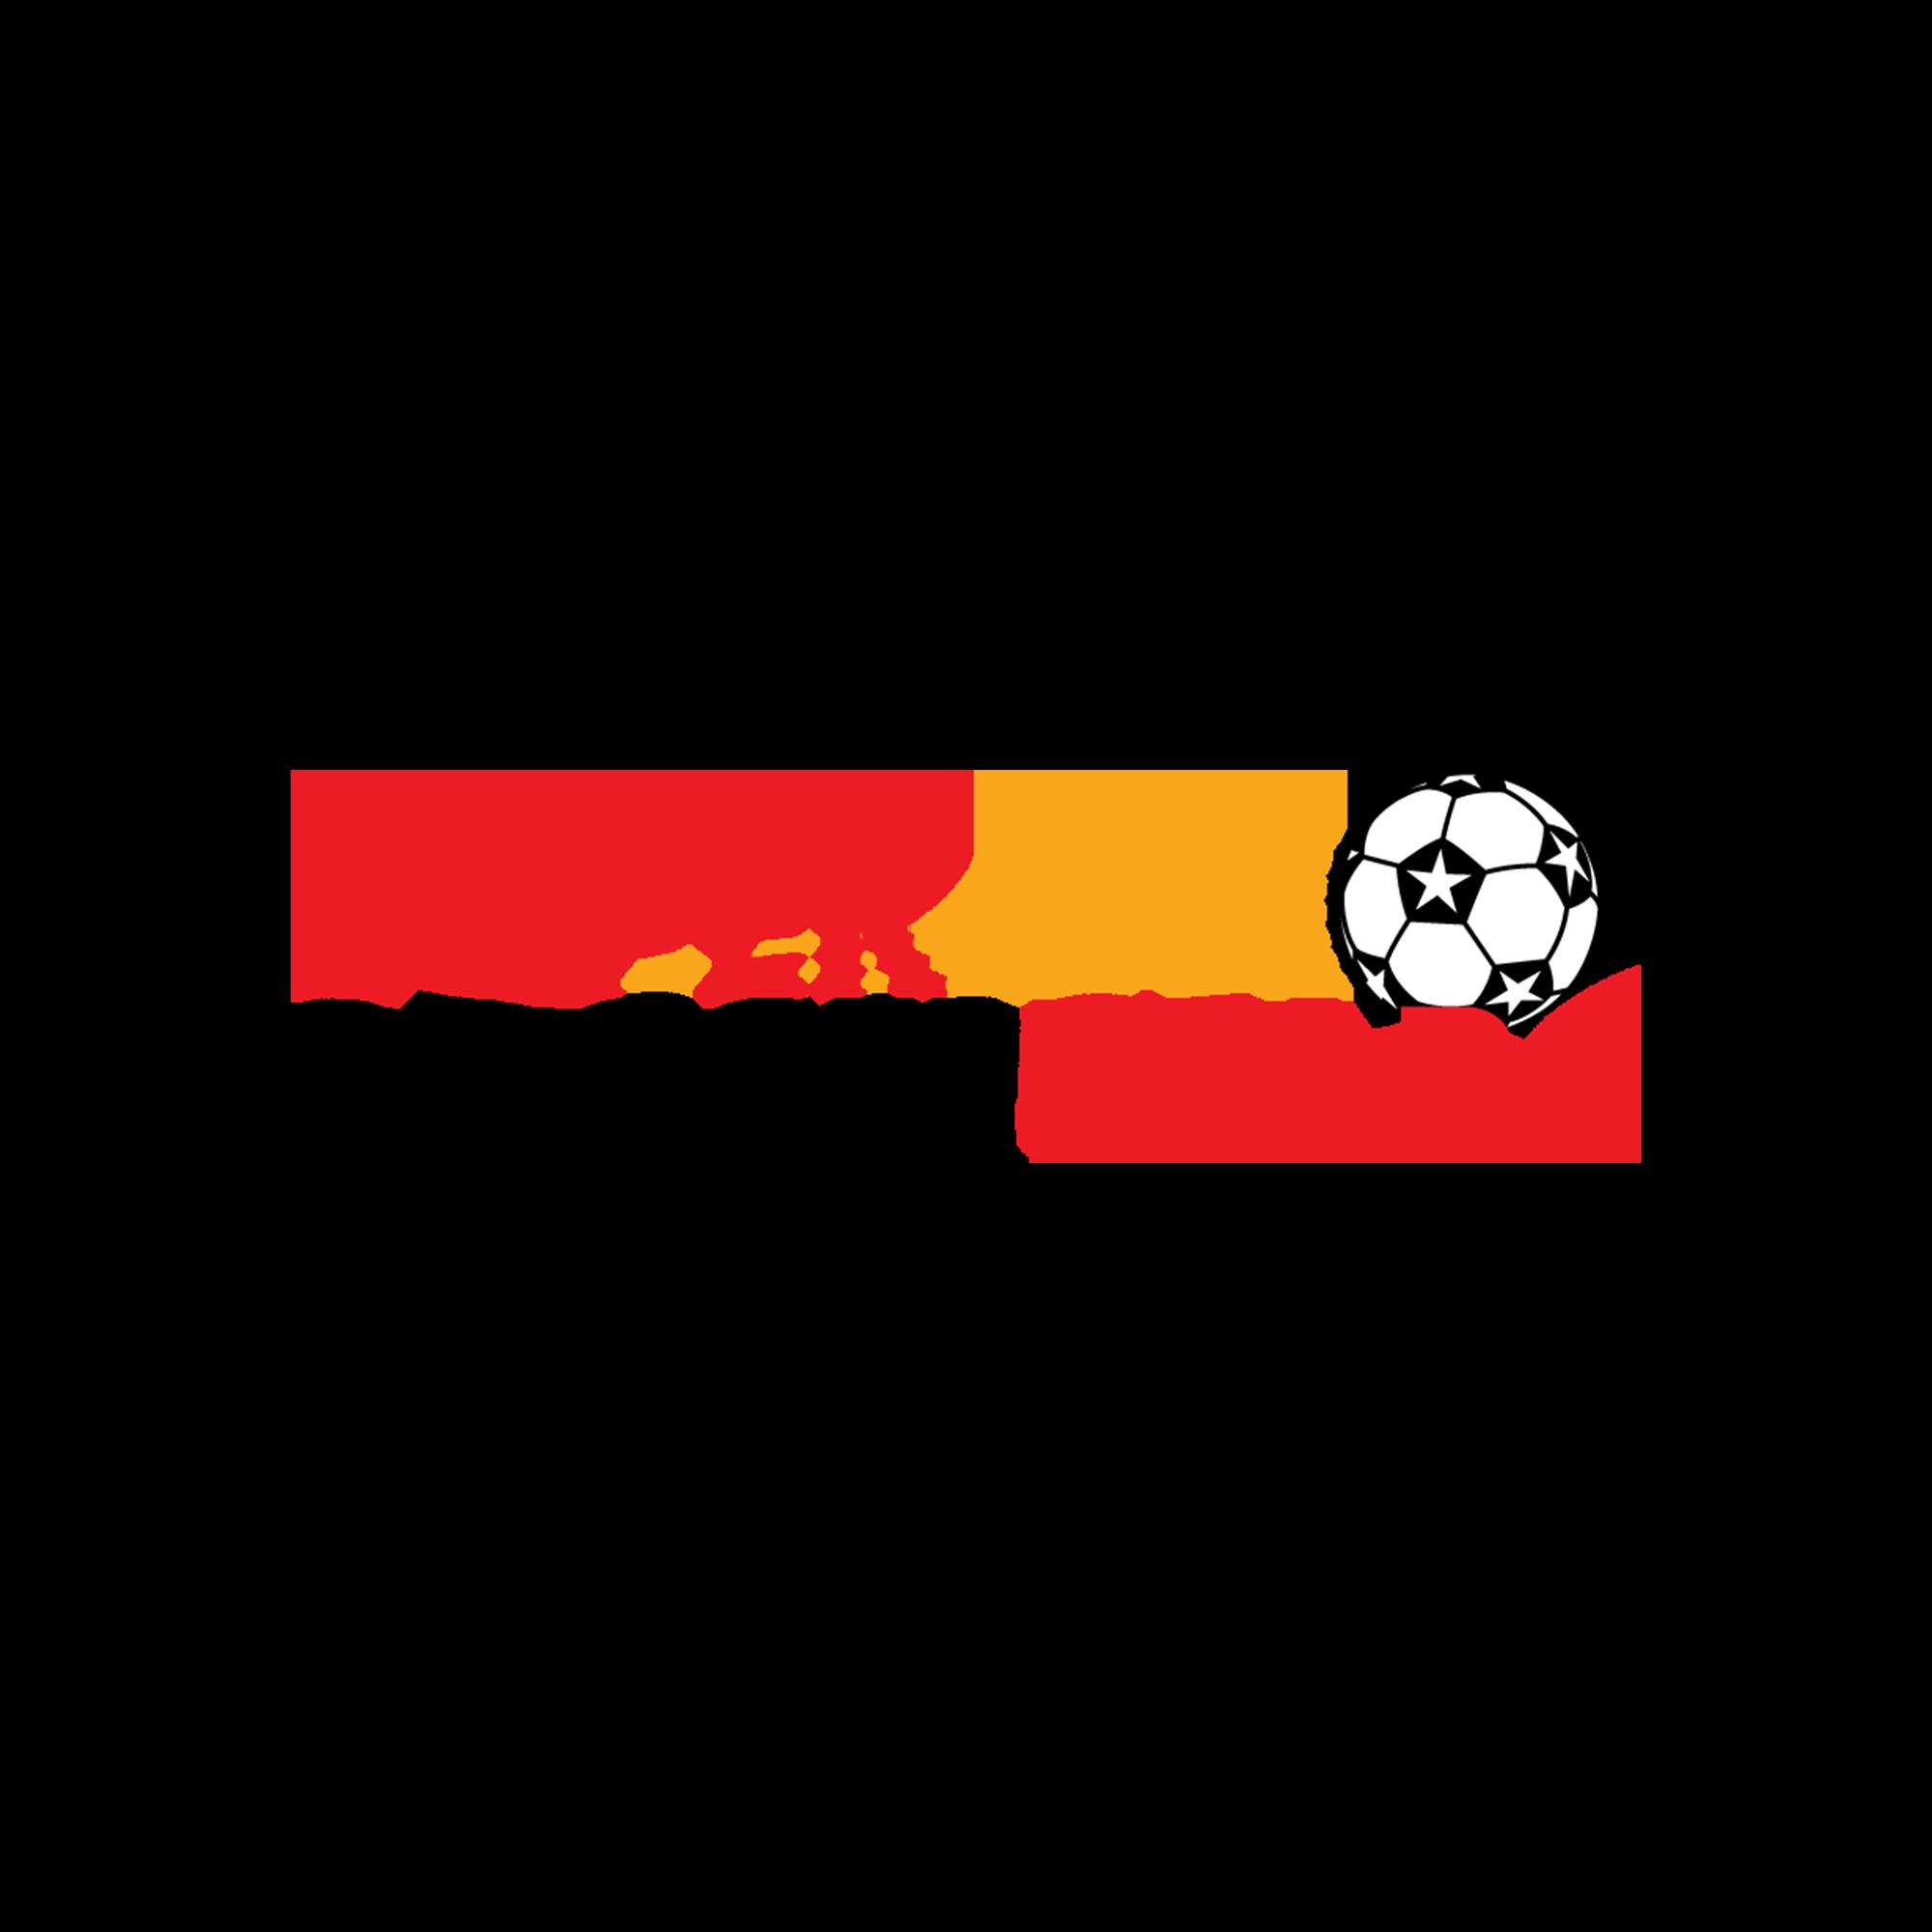 Supper Soccer Stars